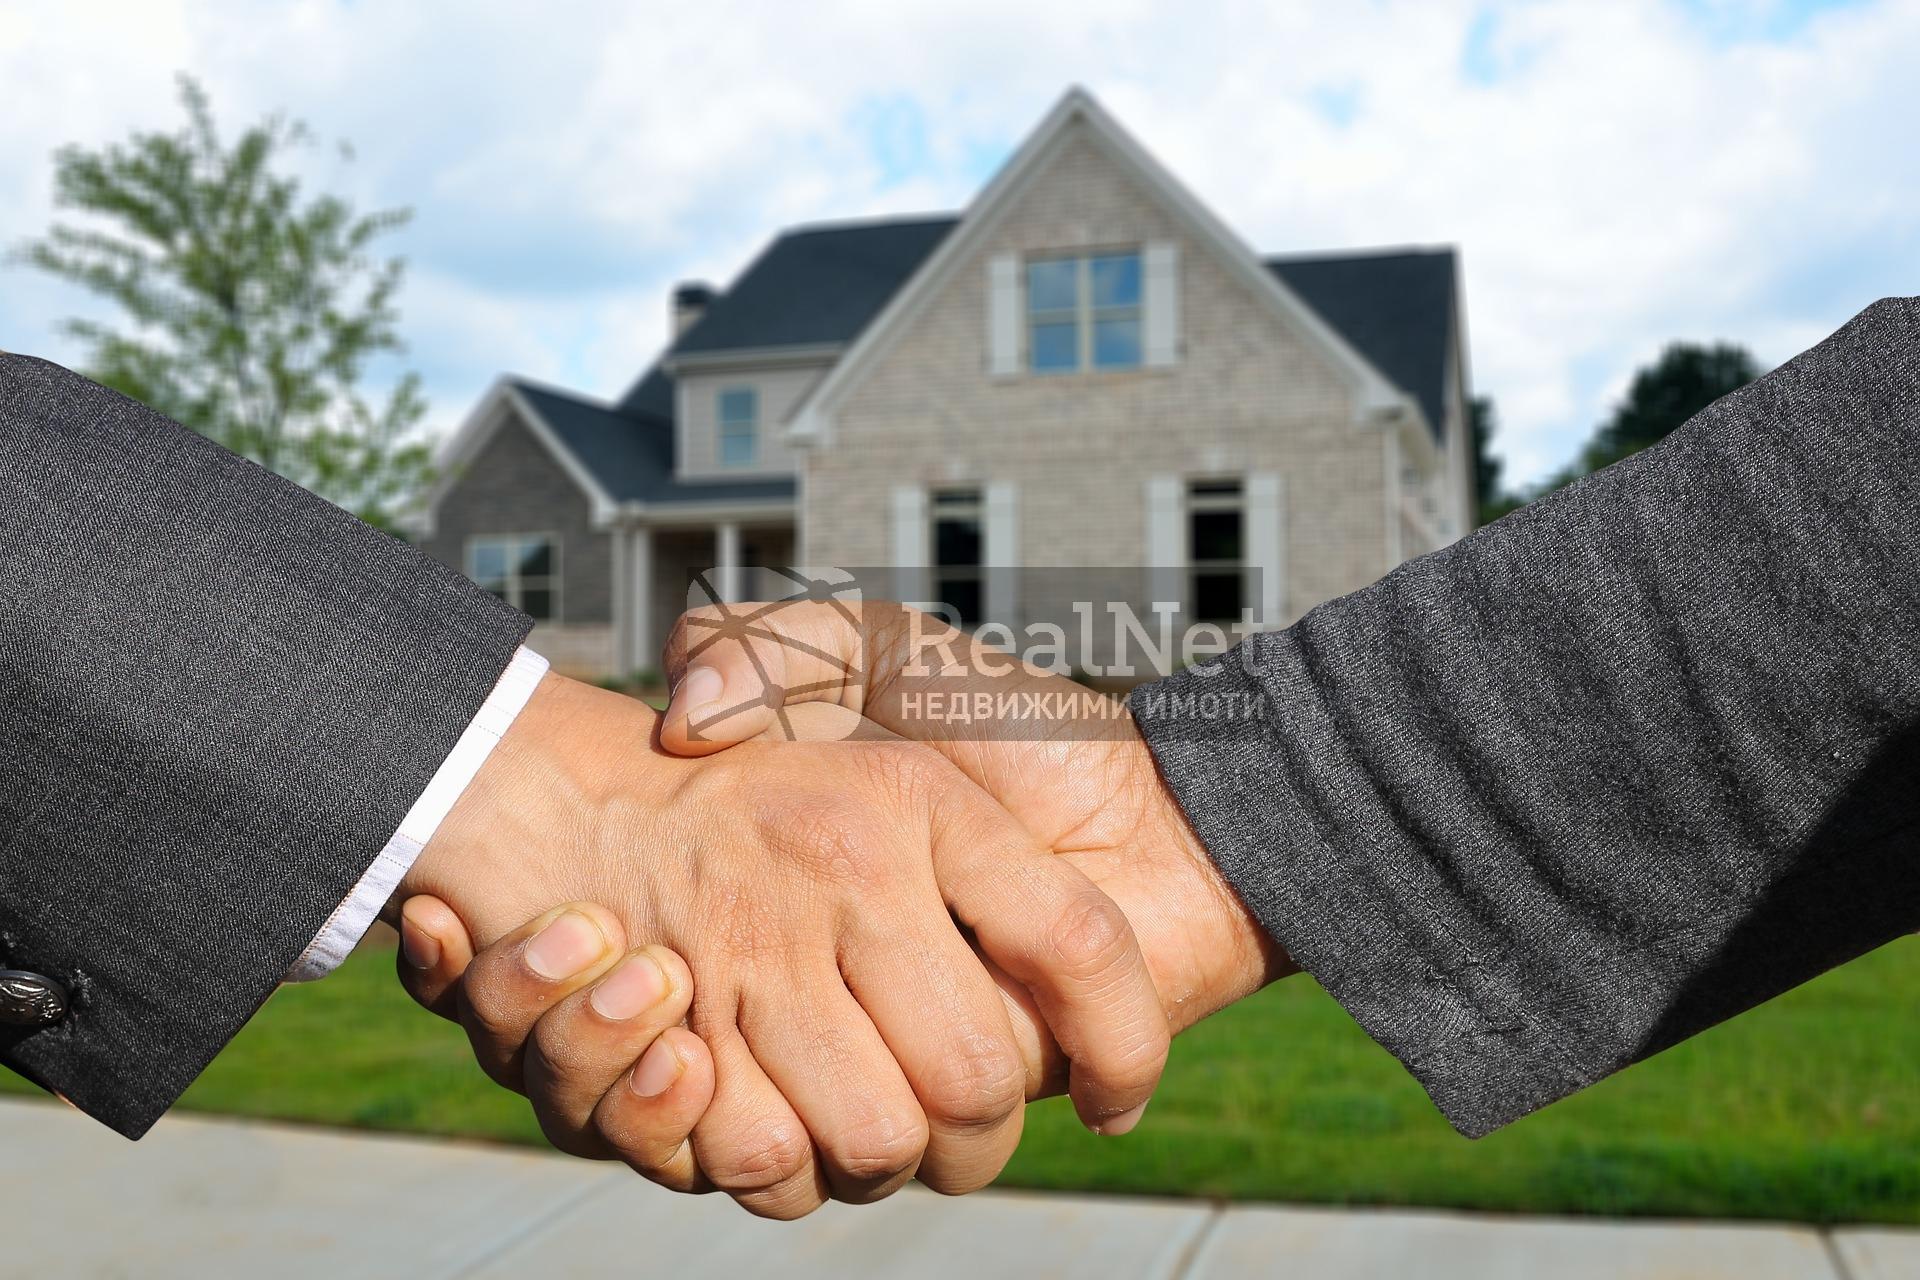 Как да изберем най-подходящия агент за недвижими имоти?